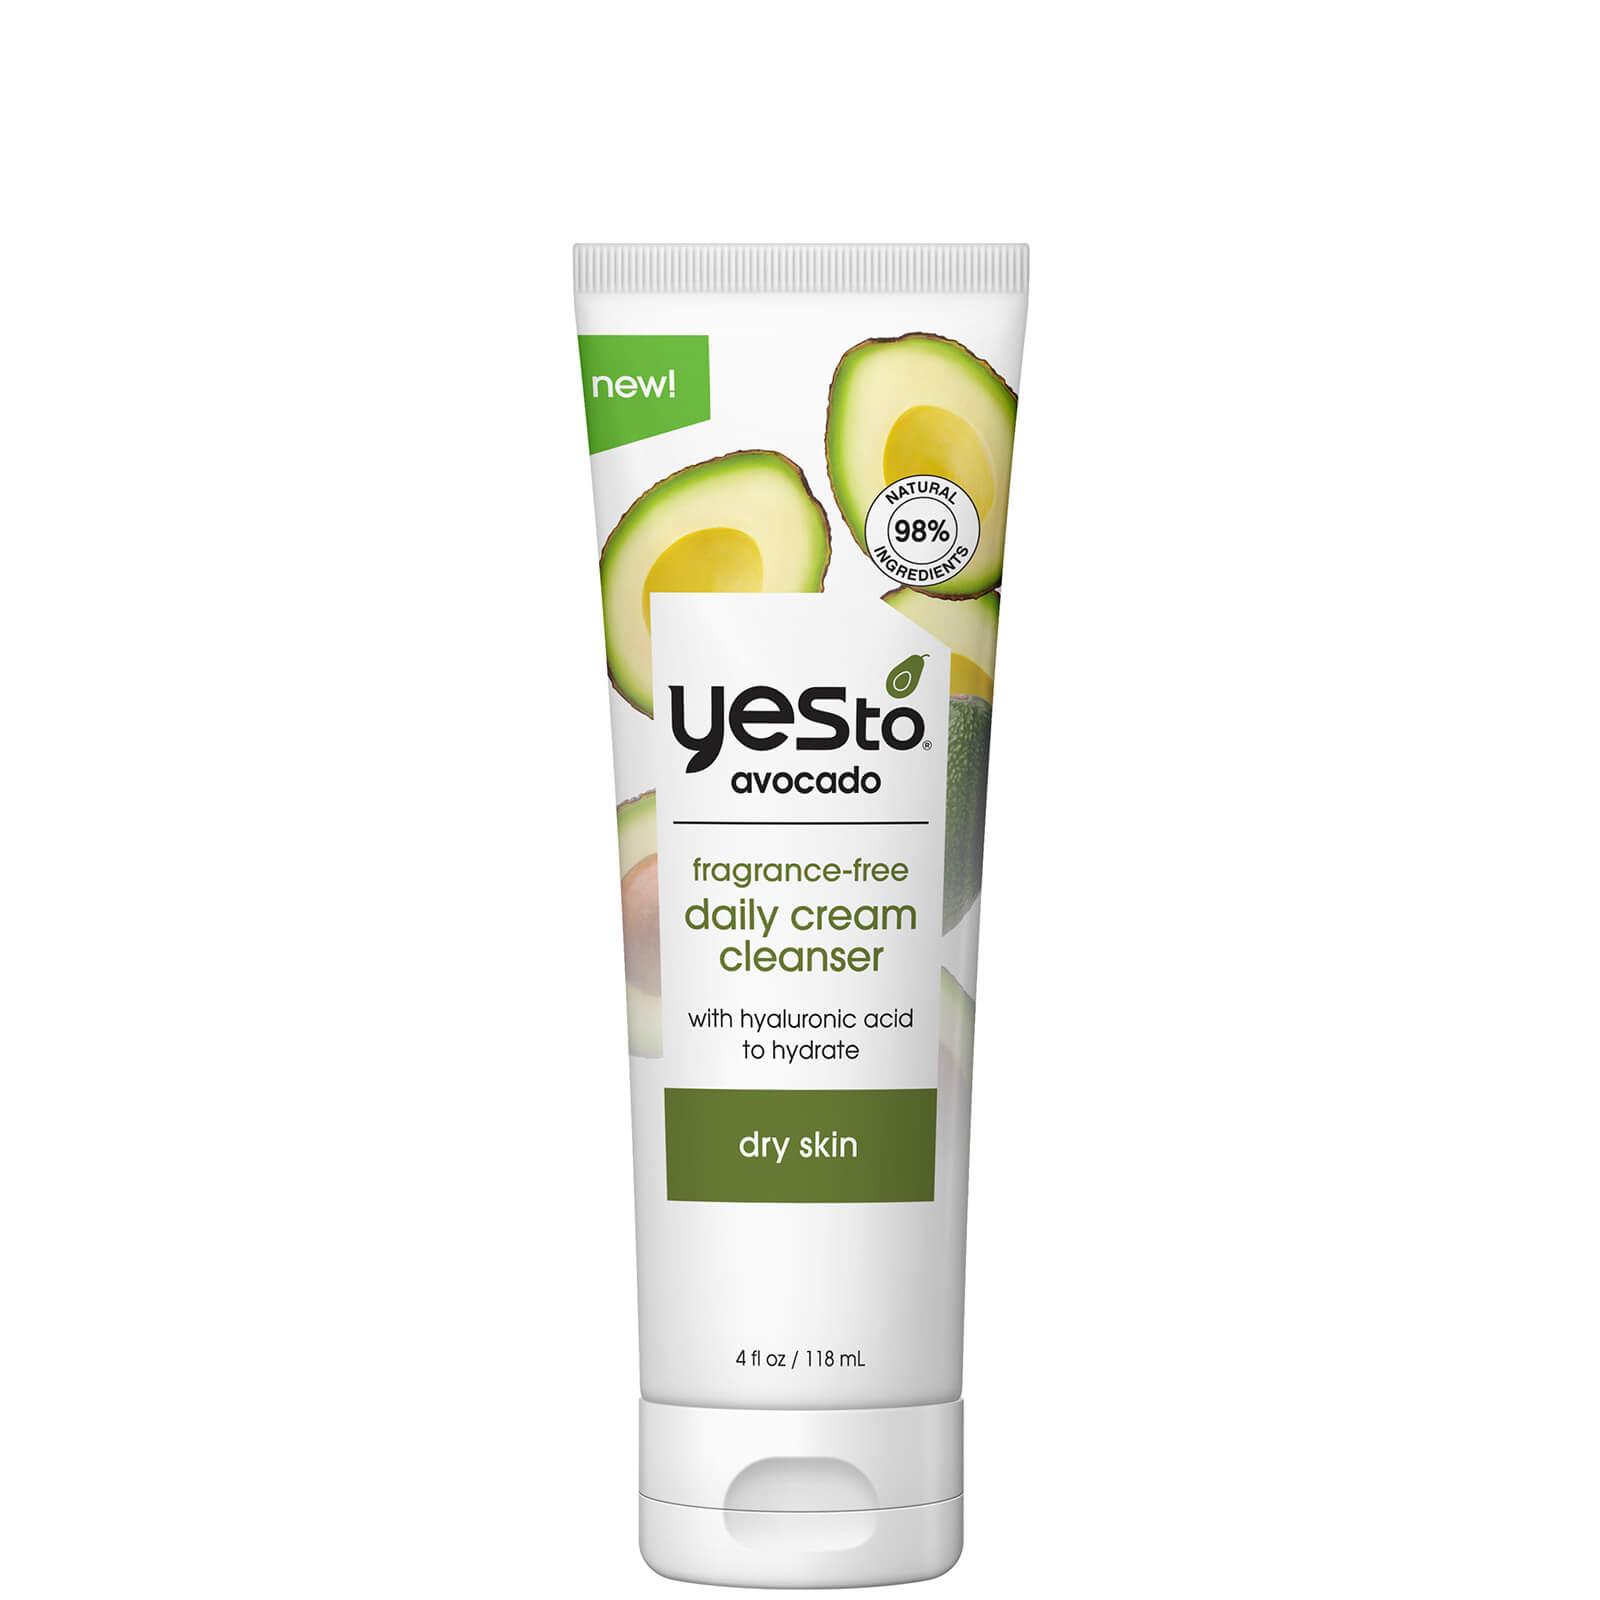 Yes to Ежедневное очищающее средство с экстрактом авокадо 118ml  - Купить